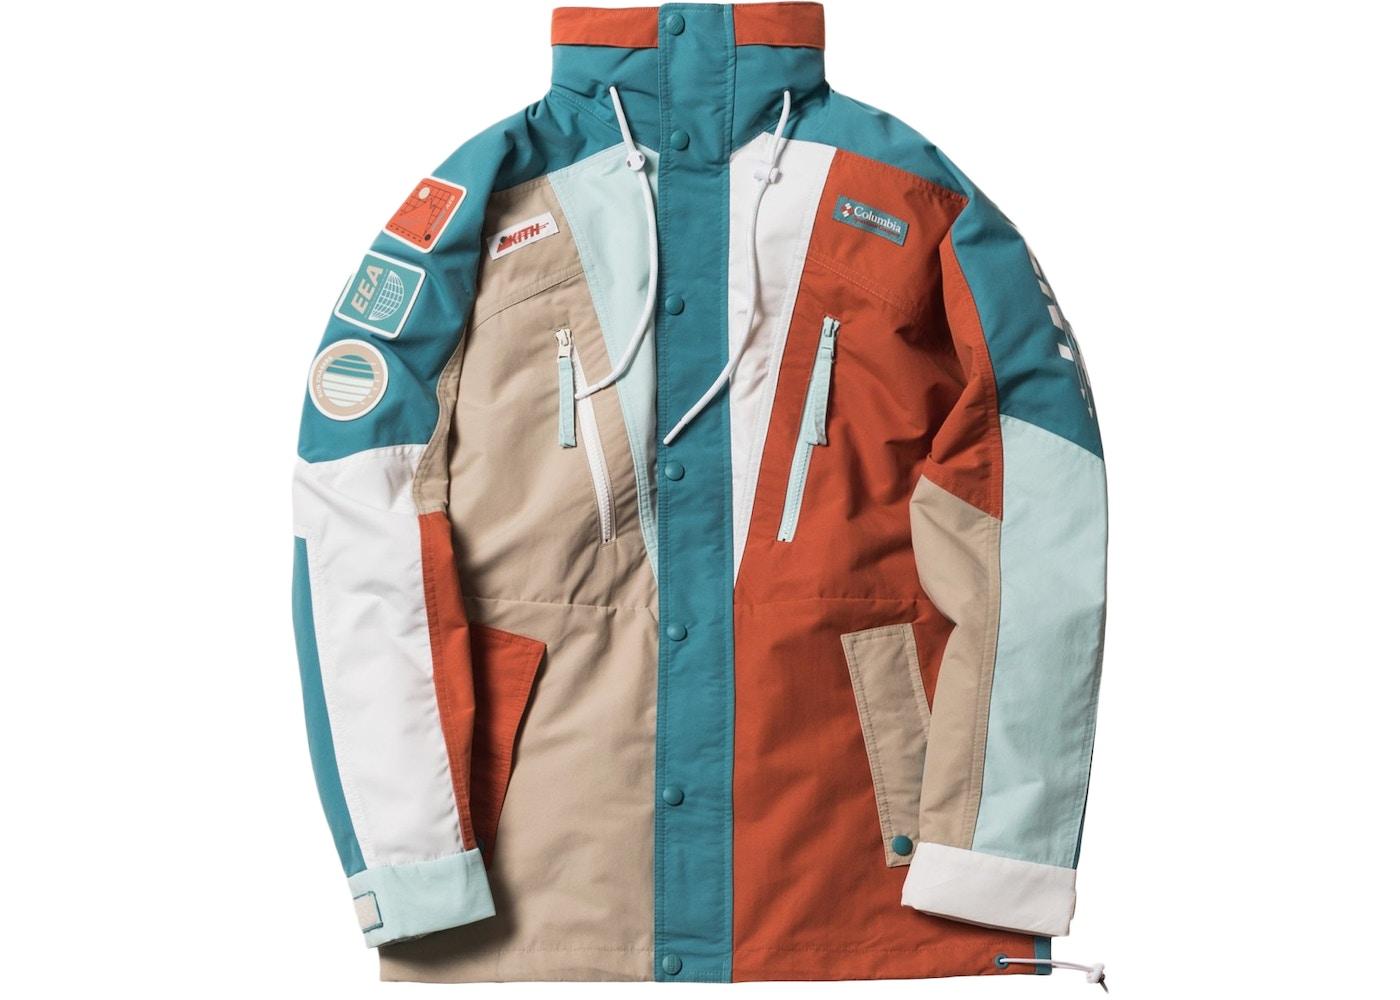 2f9b4b0f1c545 Kith Jackets - Last Sale